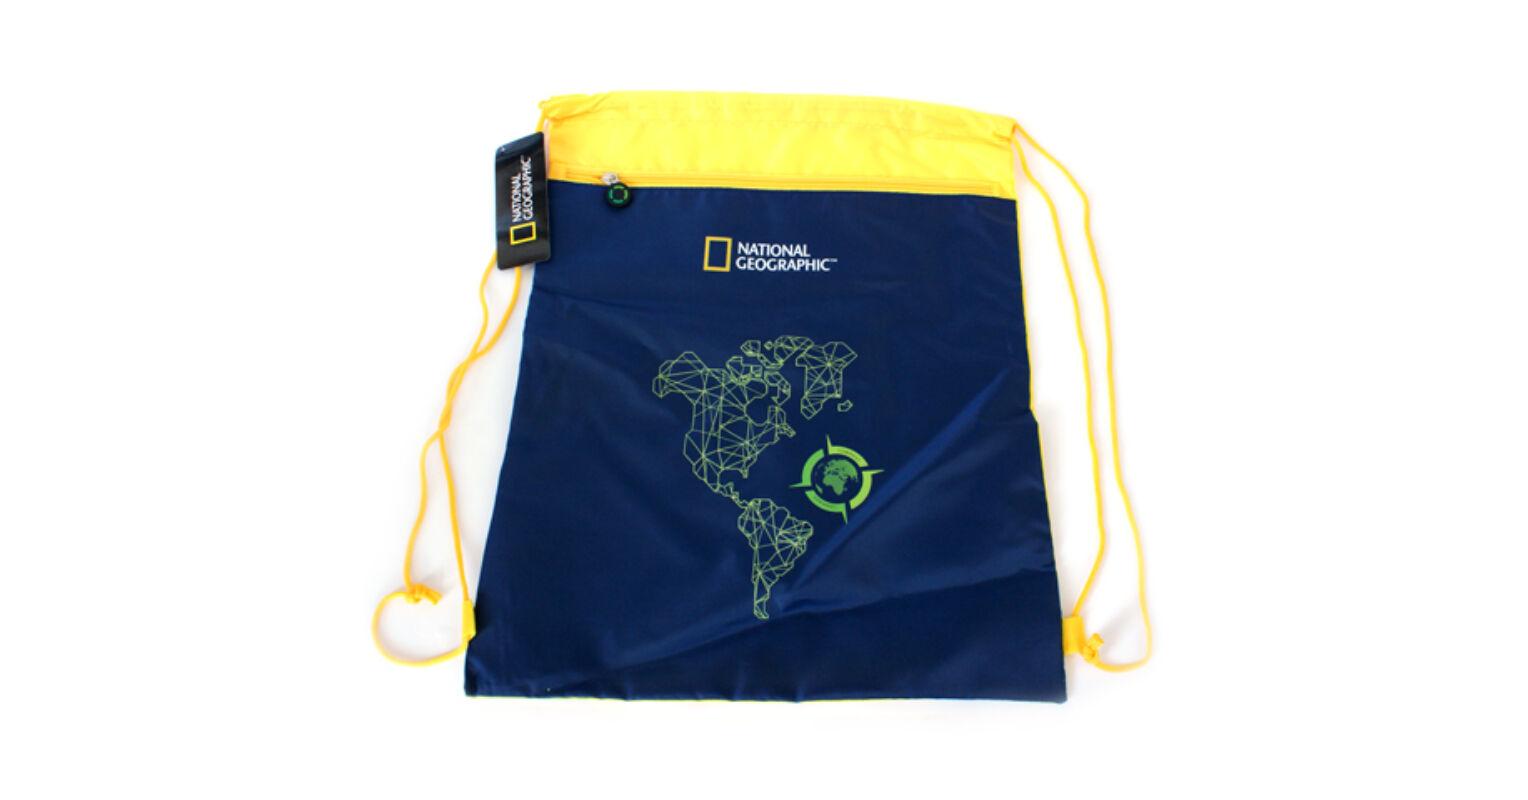 ac2bd2a82239 National Geographic kék-sárga tornazsák, sportzsák 1.998 Ft-os áron!